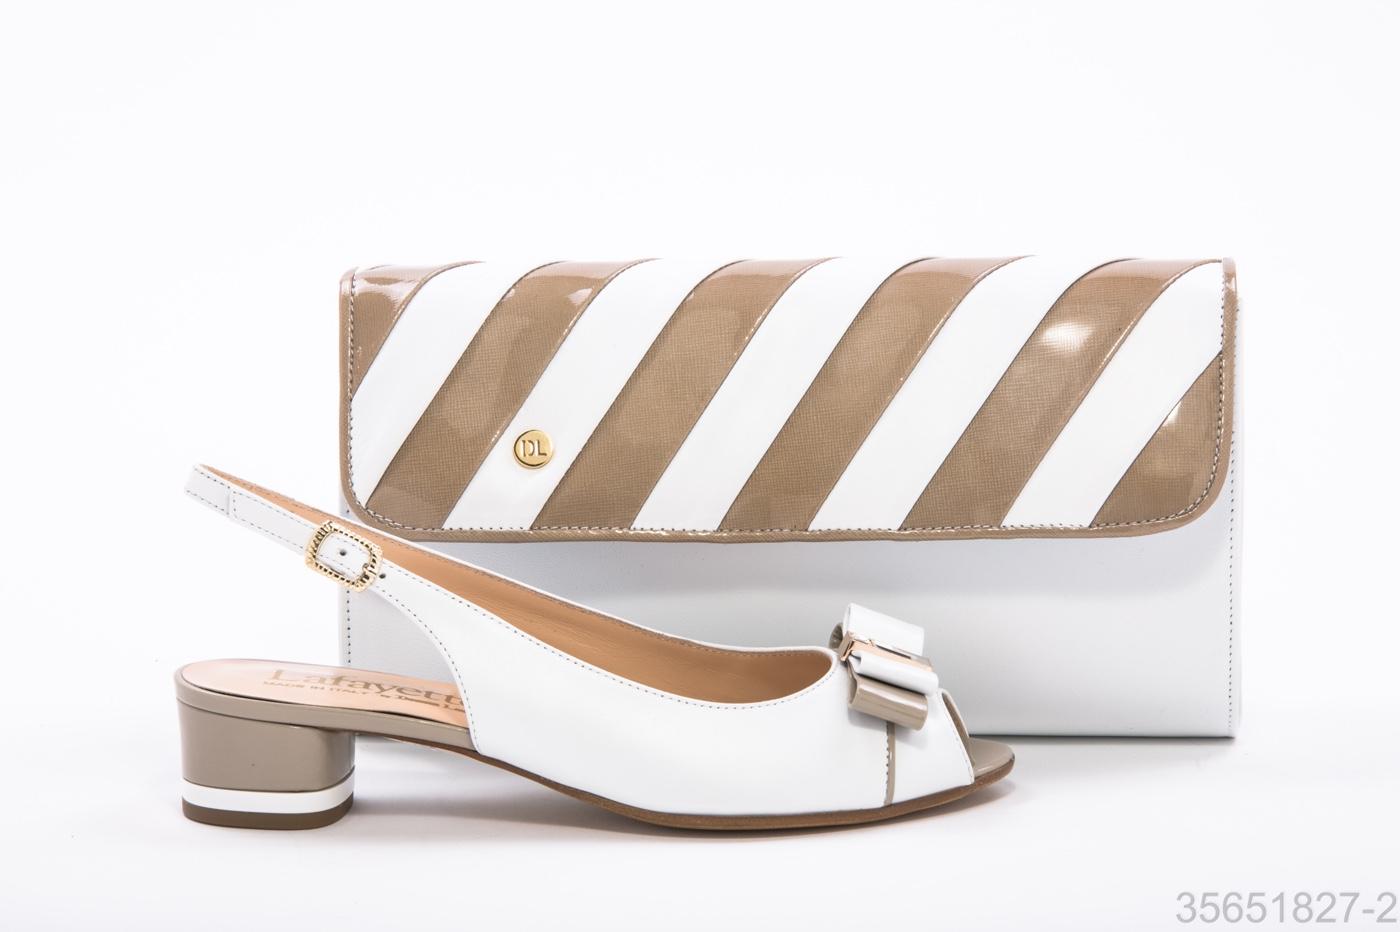 Основные тенденции итальянской моды.Обувь — весна-лето 2016.